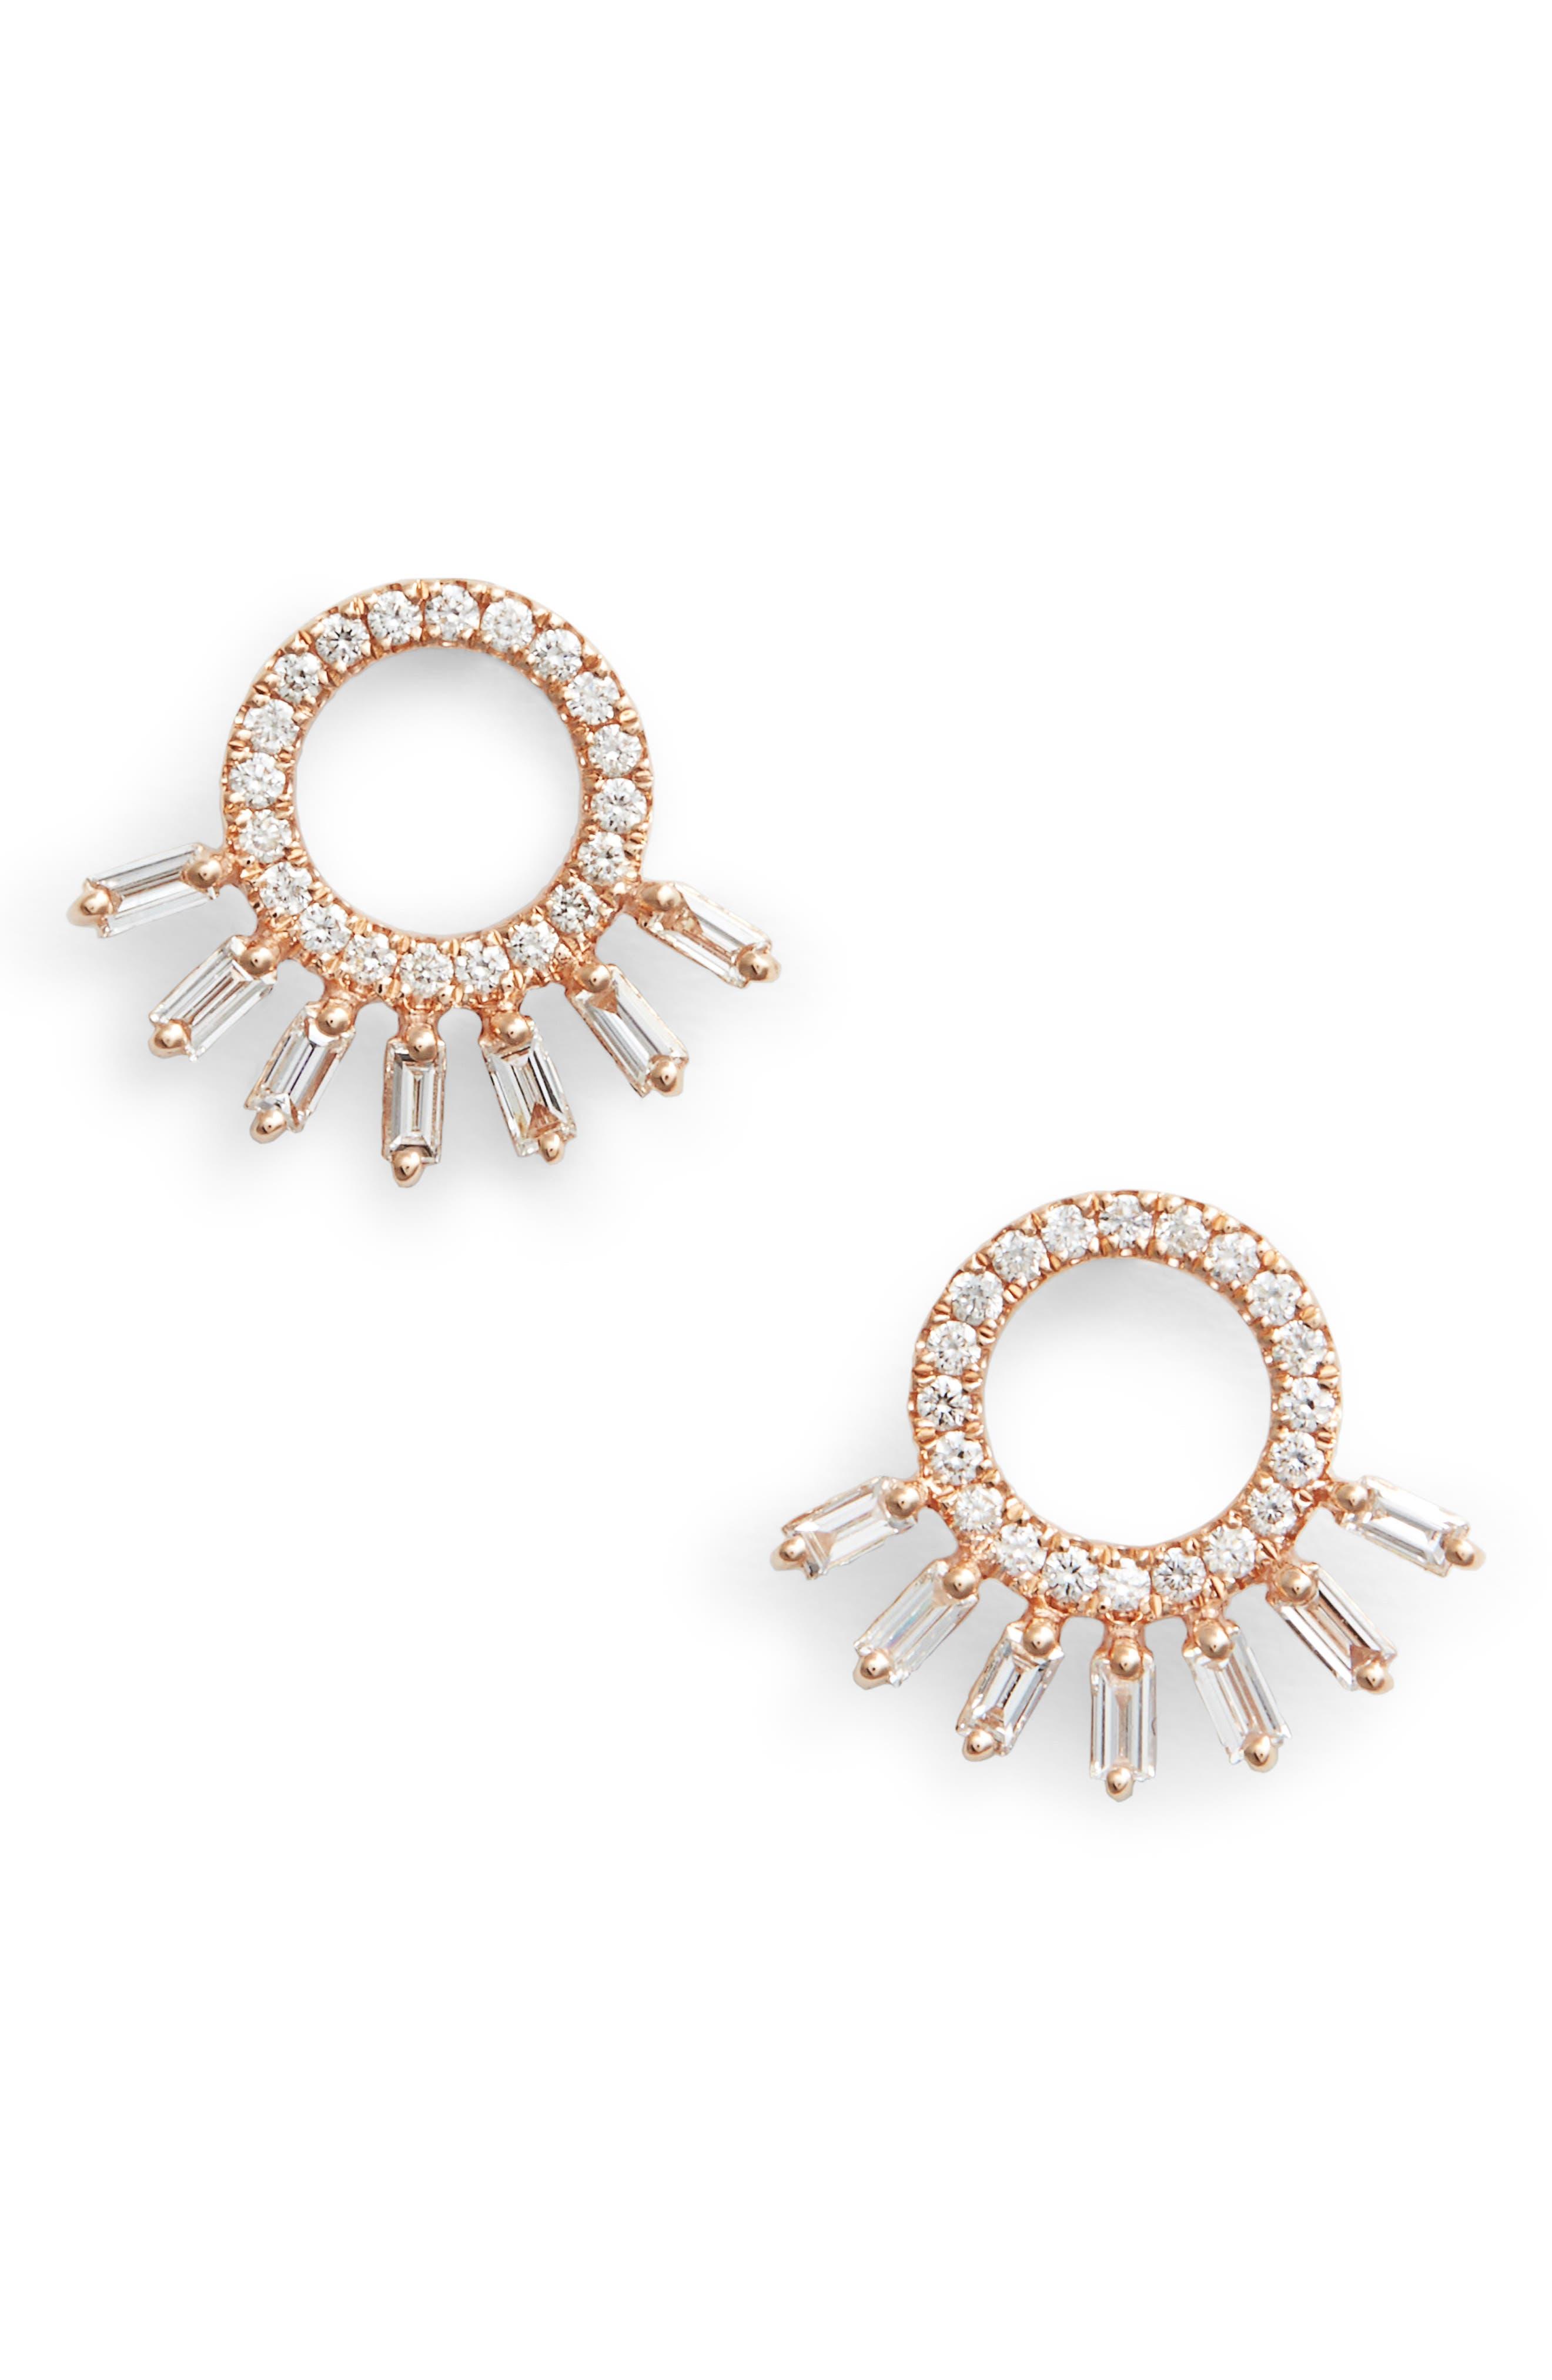 Dana Rebecca Sadie Starburst Stud Earrings, Main, color, ROSE GOLD